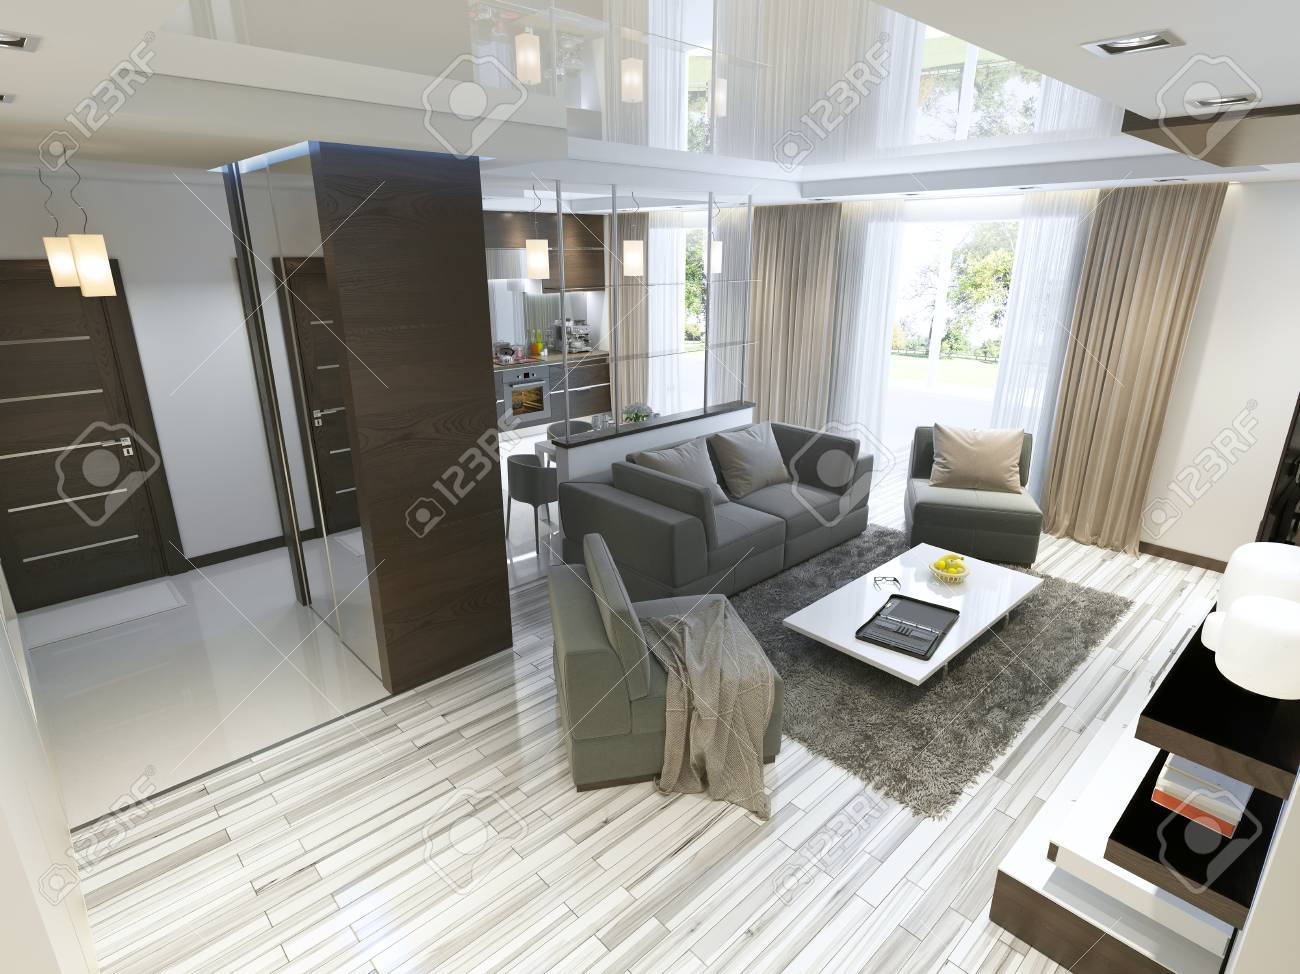 Luxe salon studio dans un style moderne avec des fauteuils confortables et  un canapé en vert olive. Studio avec cuisine et salle de séjour et un ...